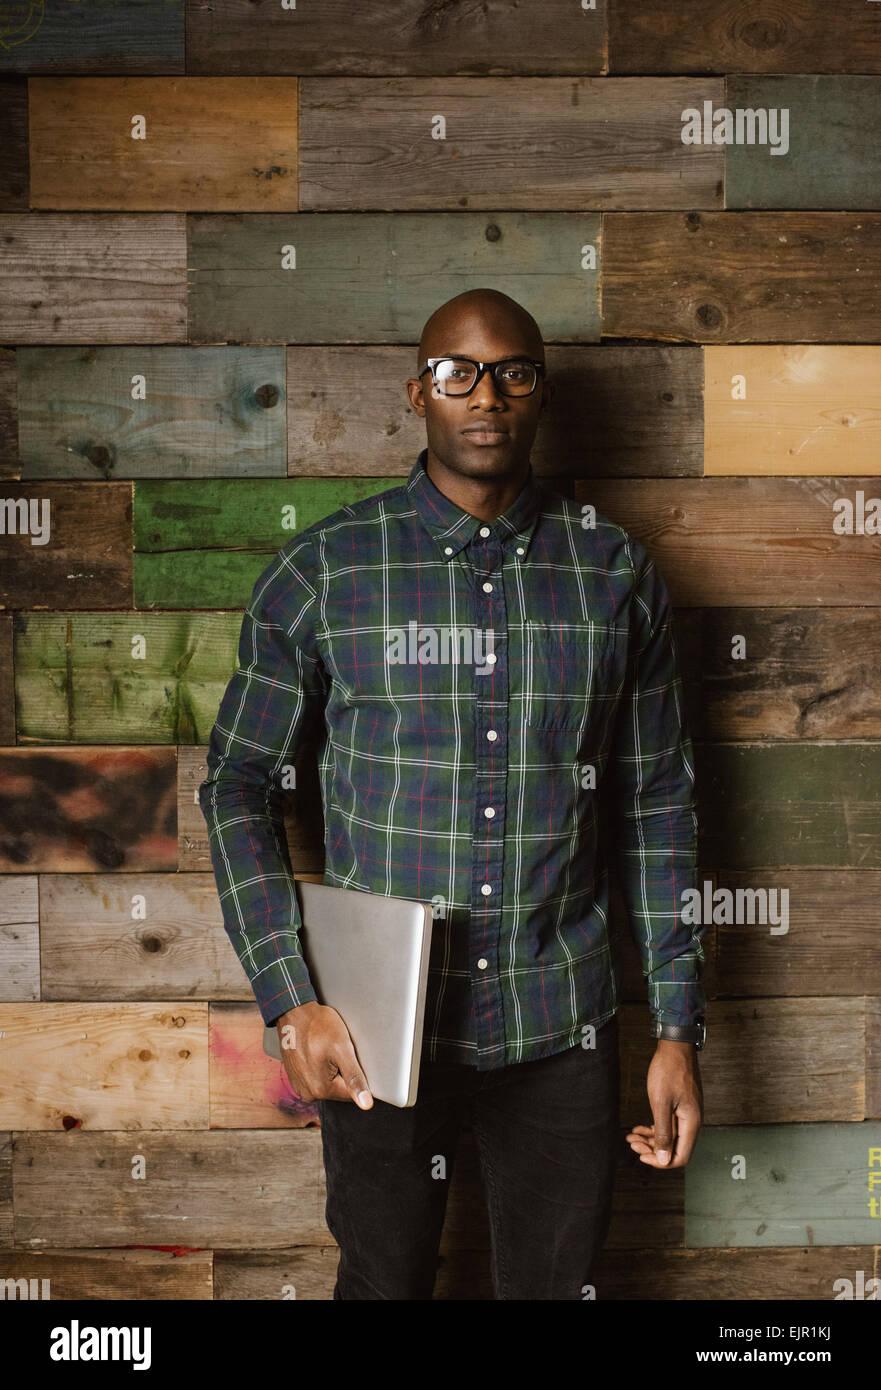 Porträt von schweren jungen afrikanischen Mann mit einem Laptop, Blick in die Kamera stehend gegen eine Holzwand Stockbild